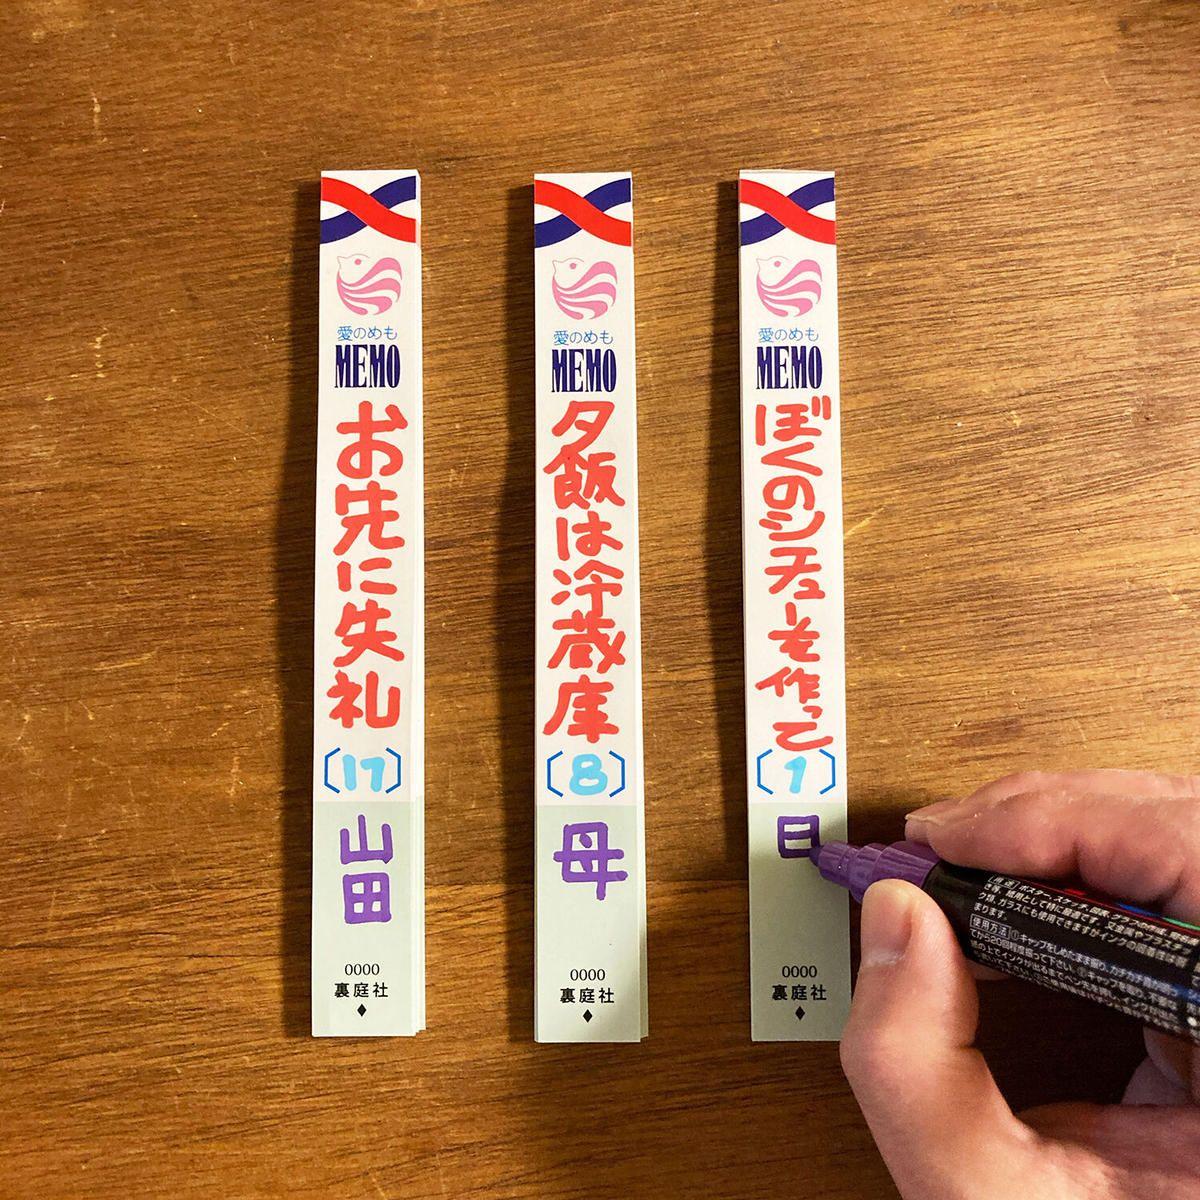 バックヤード / コミック背表紙風メモパッド ¥990 税込 83s.shop/items/608bd107… 某コミックスを彷彿とさせる短冊タイプのコンパクトなメモ帳。50枚綴りです。かつて少女だった人たちなら、ズキュンっとくるはず!